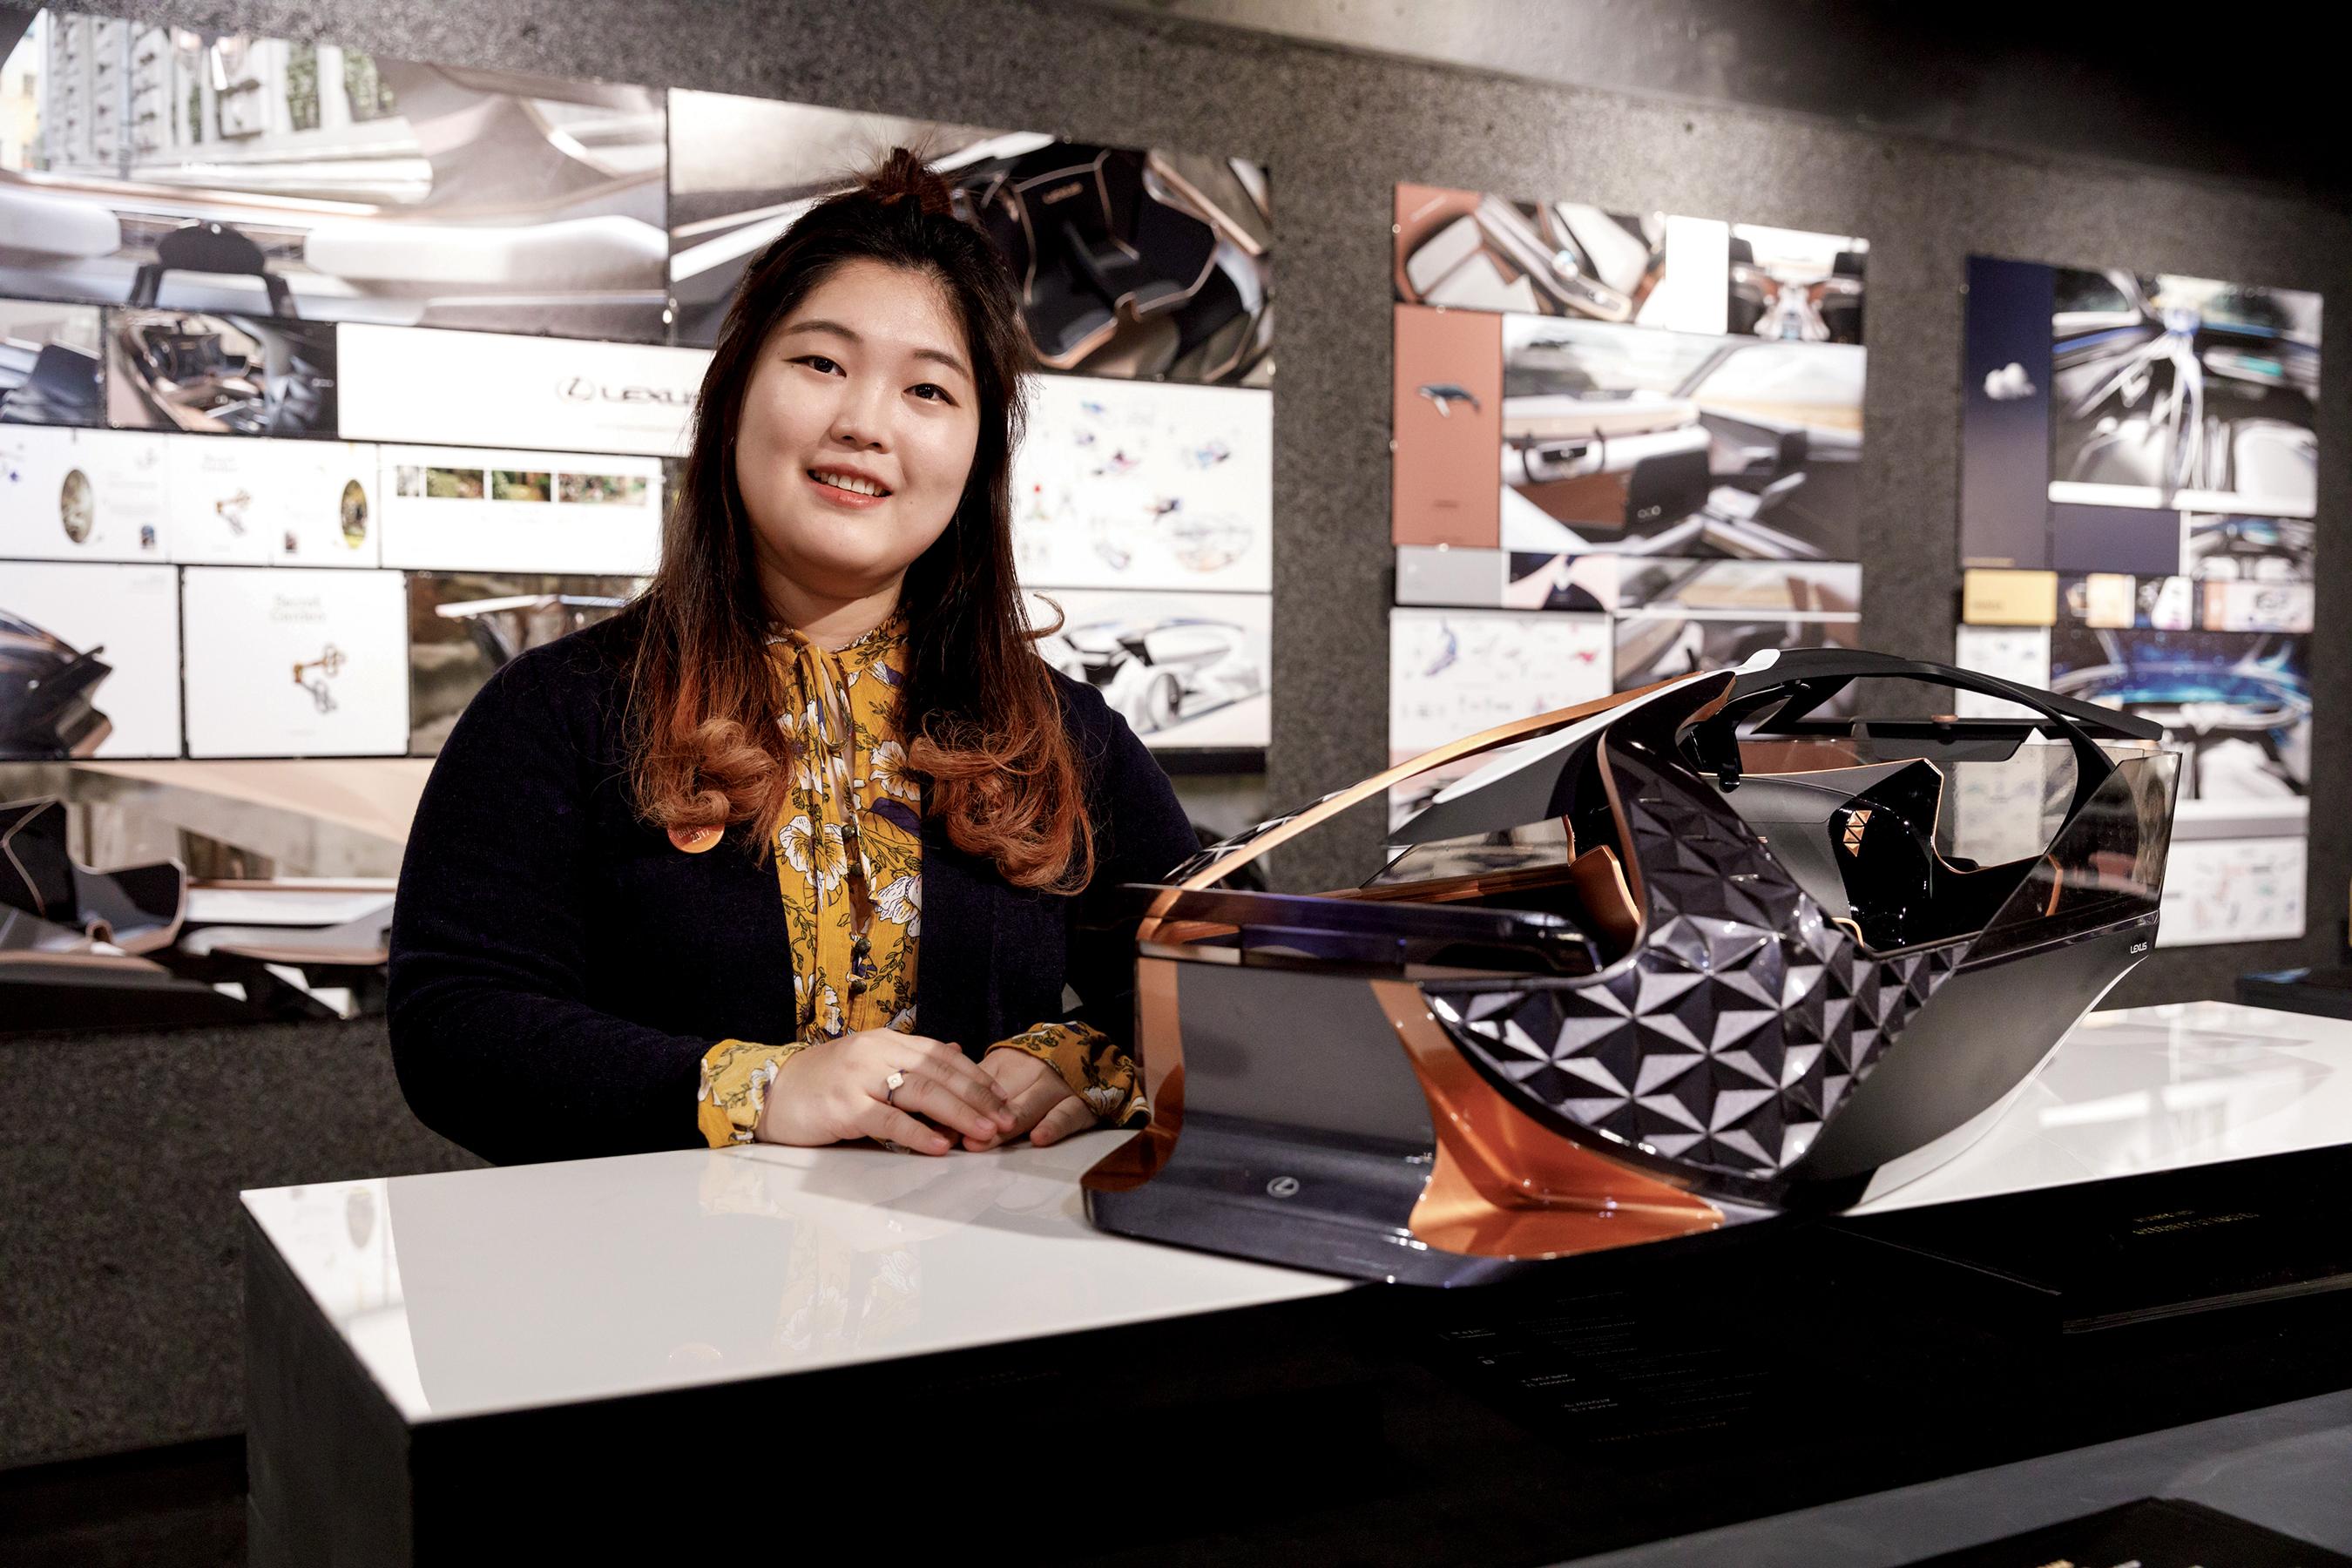 Recent Transportation Design alumna Jasmine Geehee Park at her Fall 2017 Grad Show